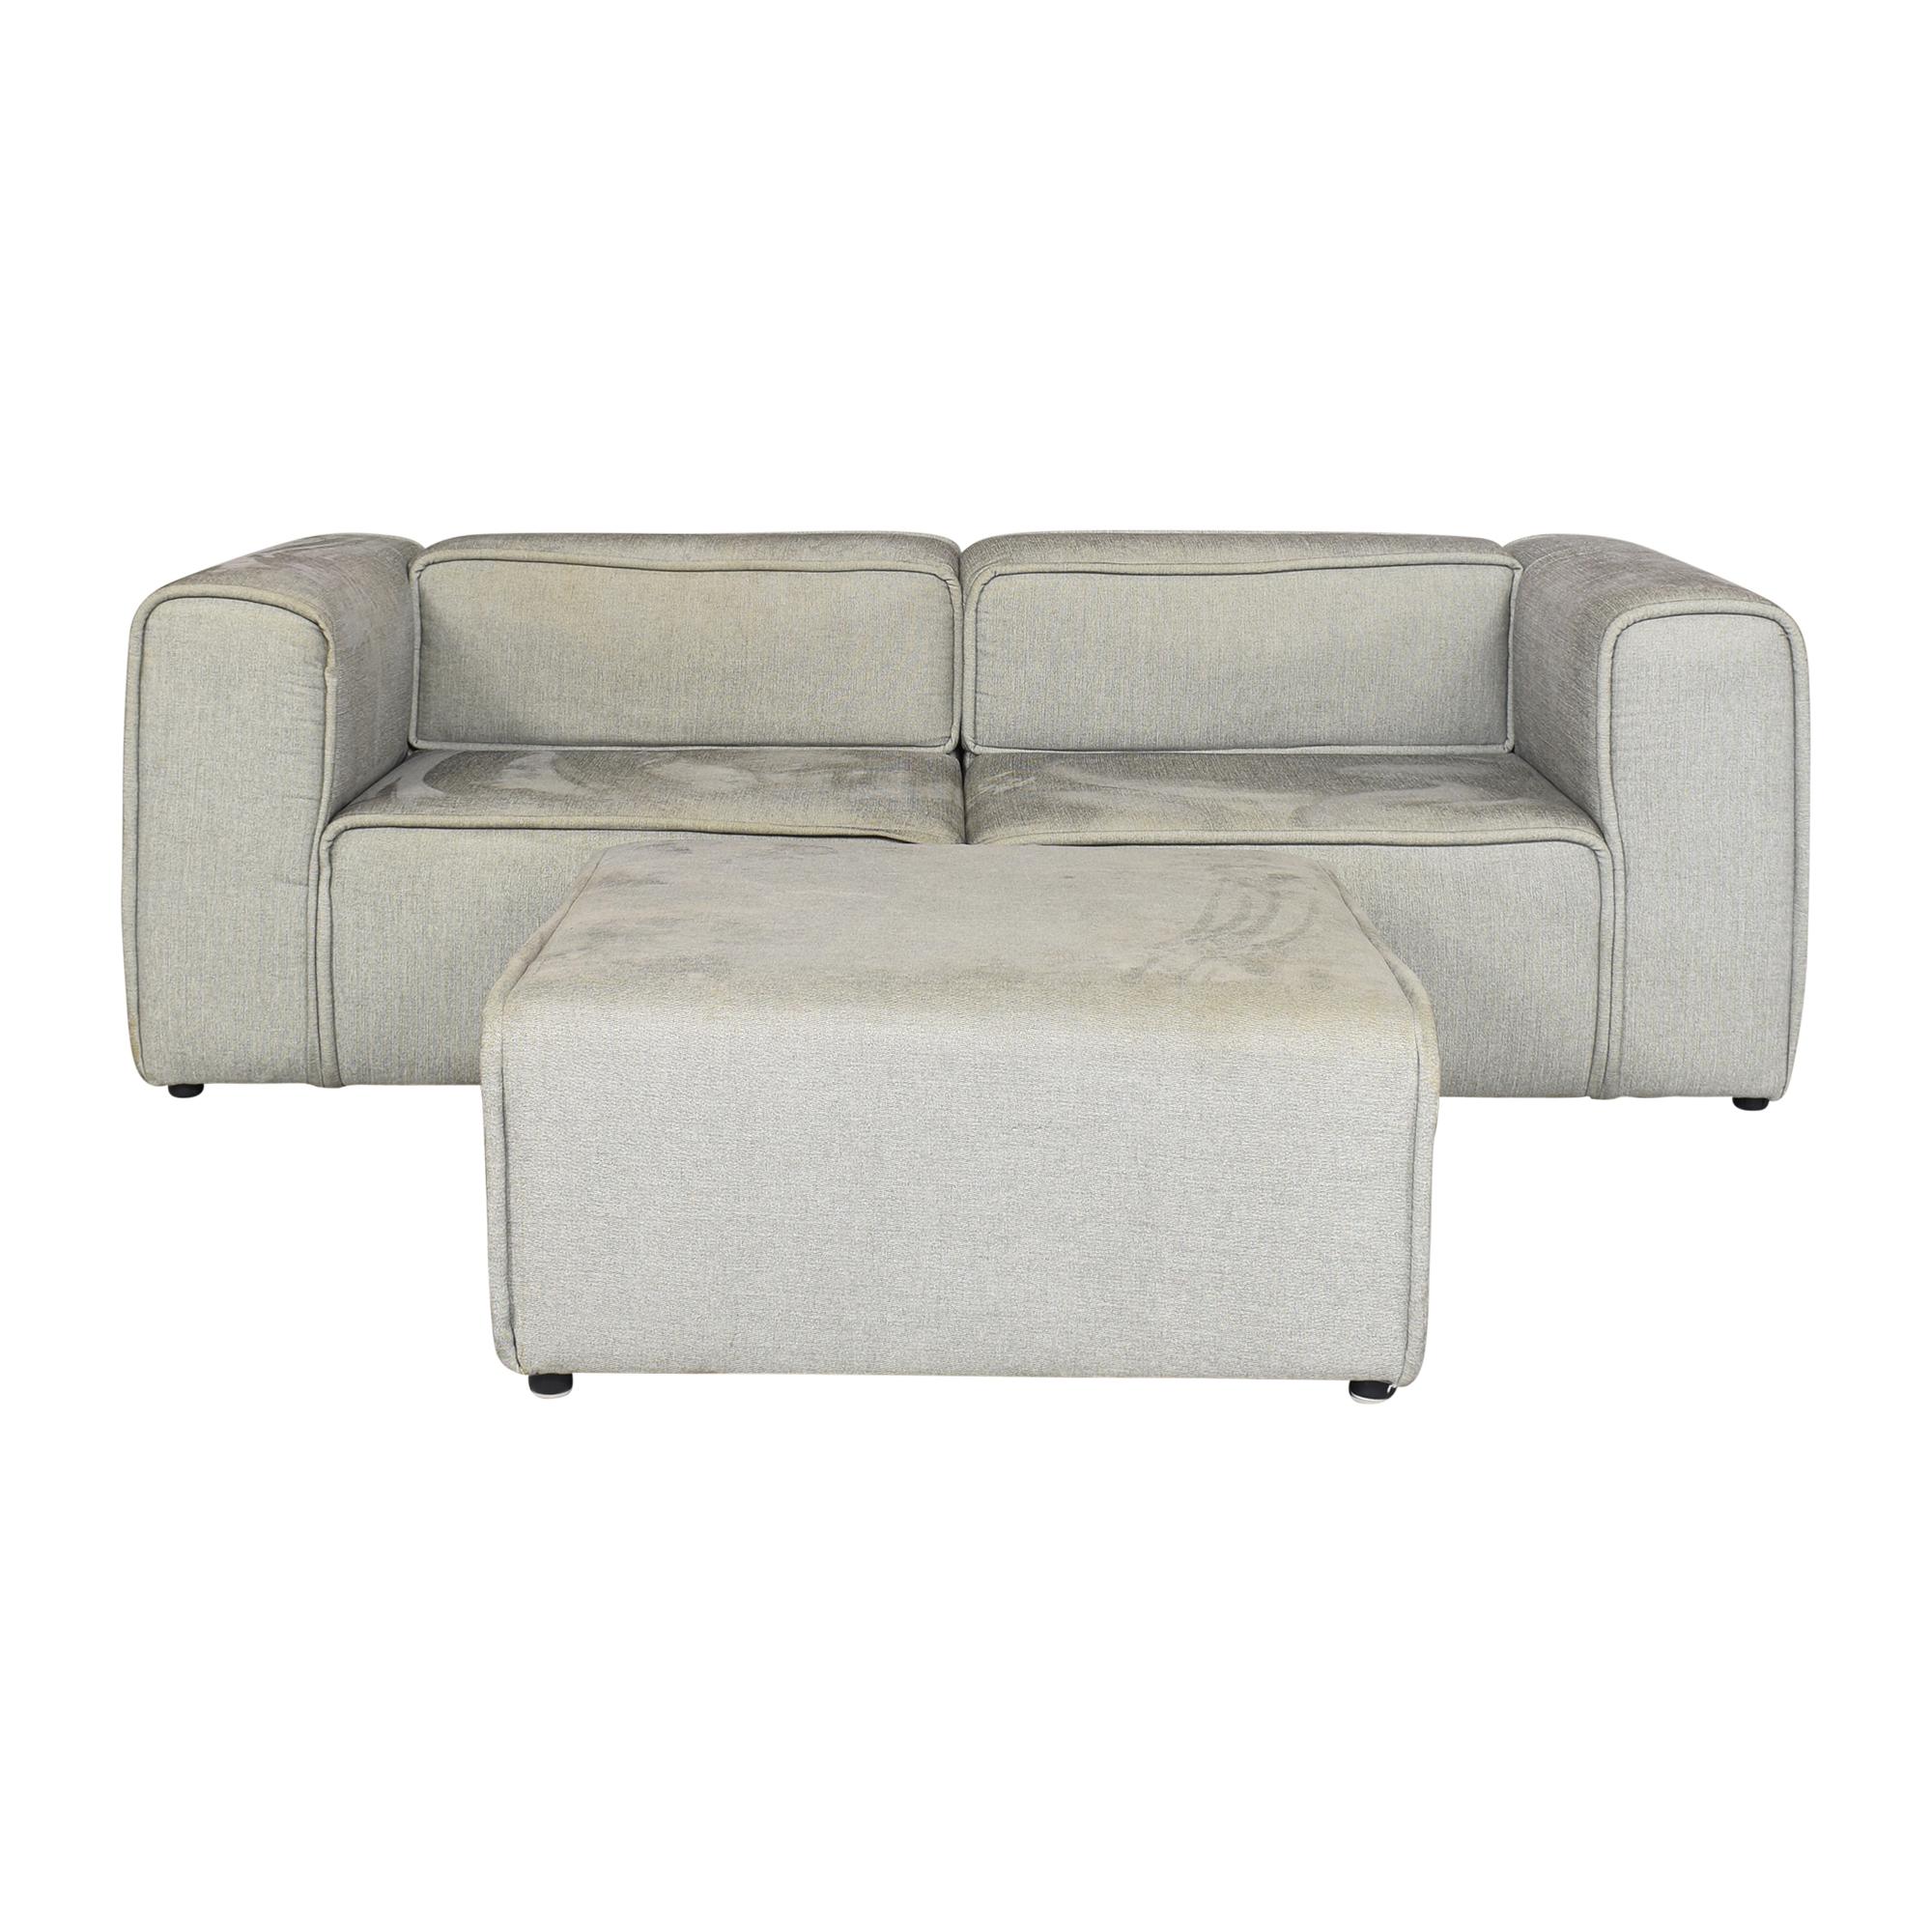 shop BoConcept BoConcept Carmo Modular Sofa and Ottoman online